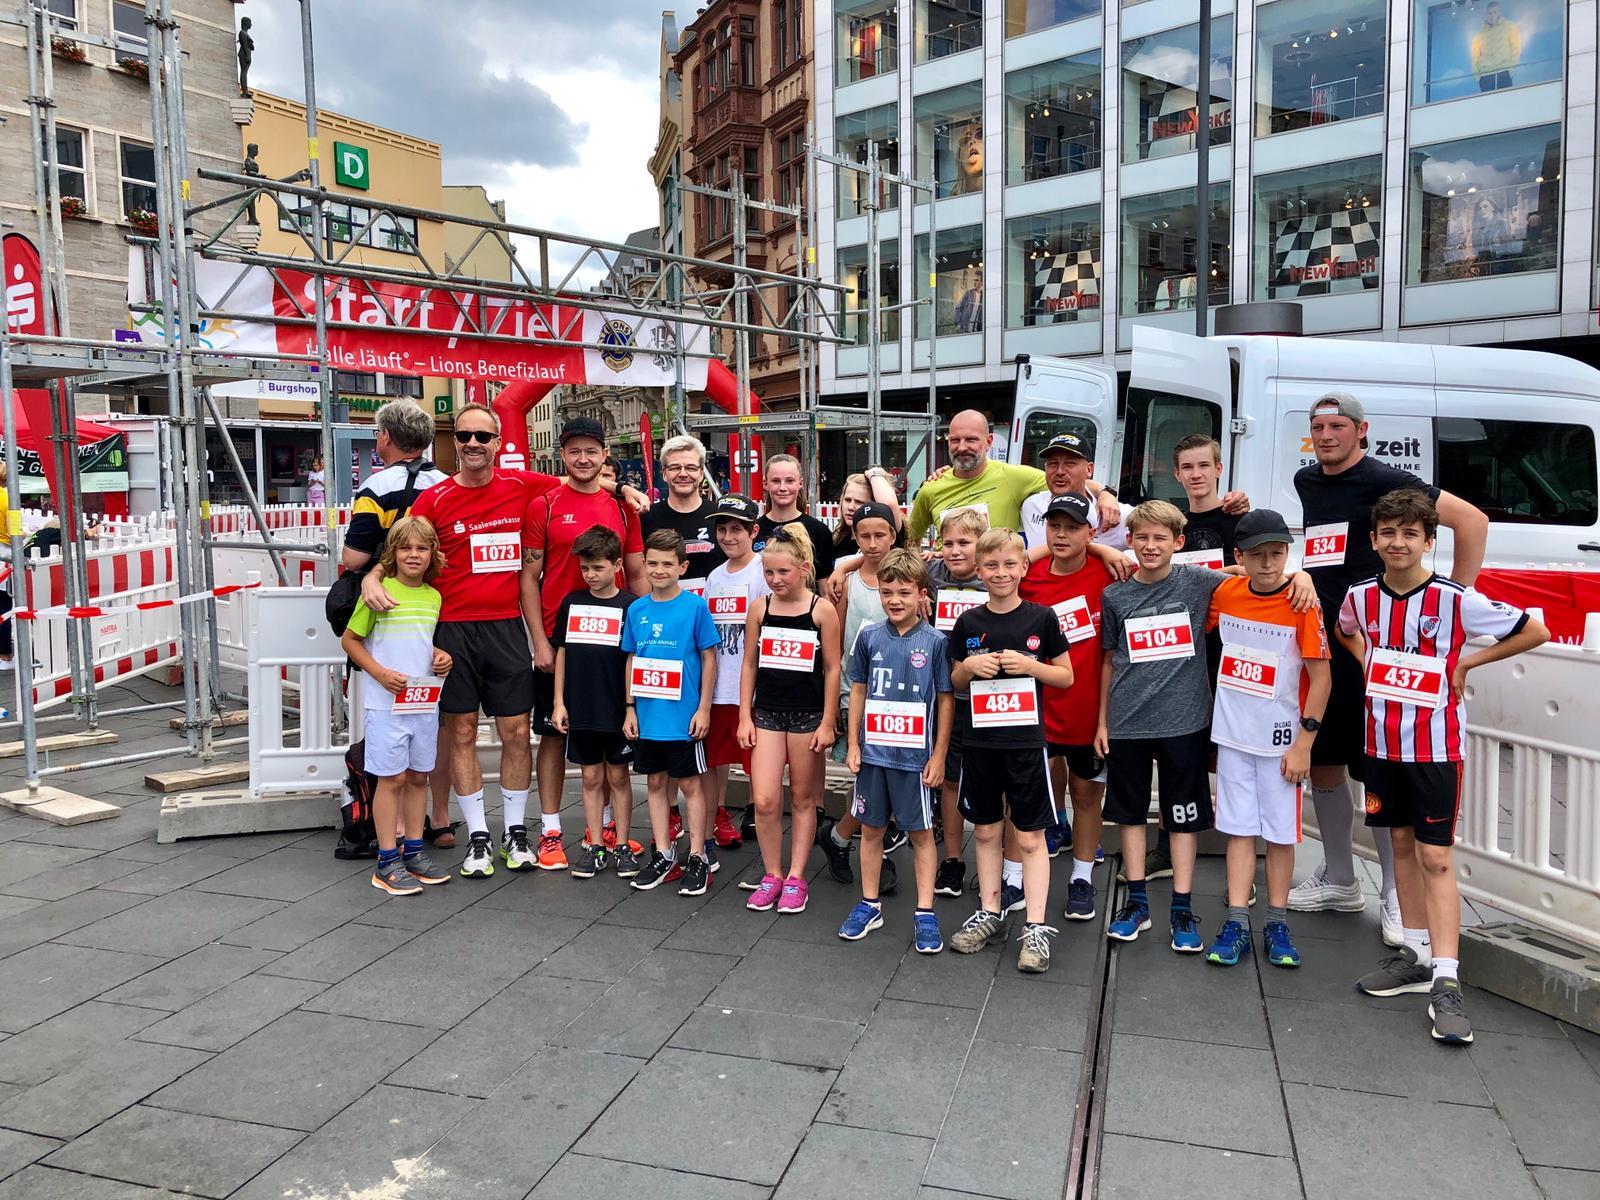 Team ESV Halle beim Lions Benefizlauf 2019